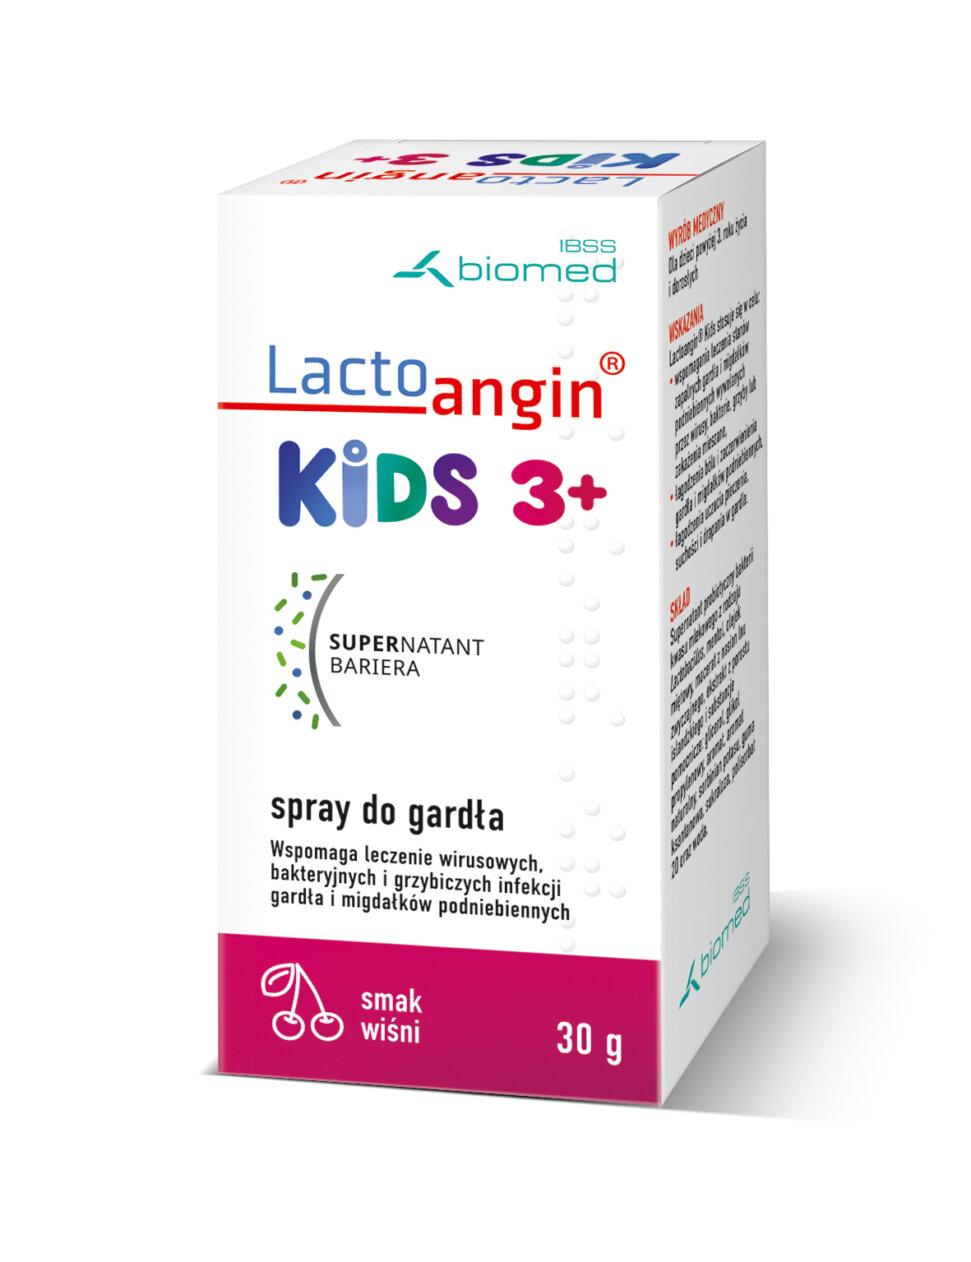 Lactoangin®KIDS spray do gardła smak wiśniowy